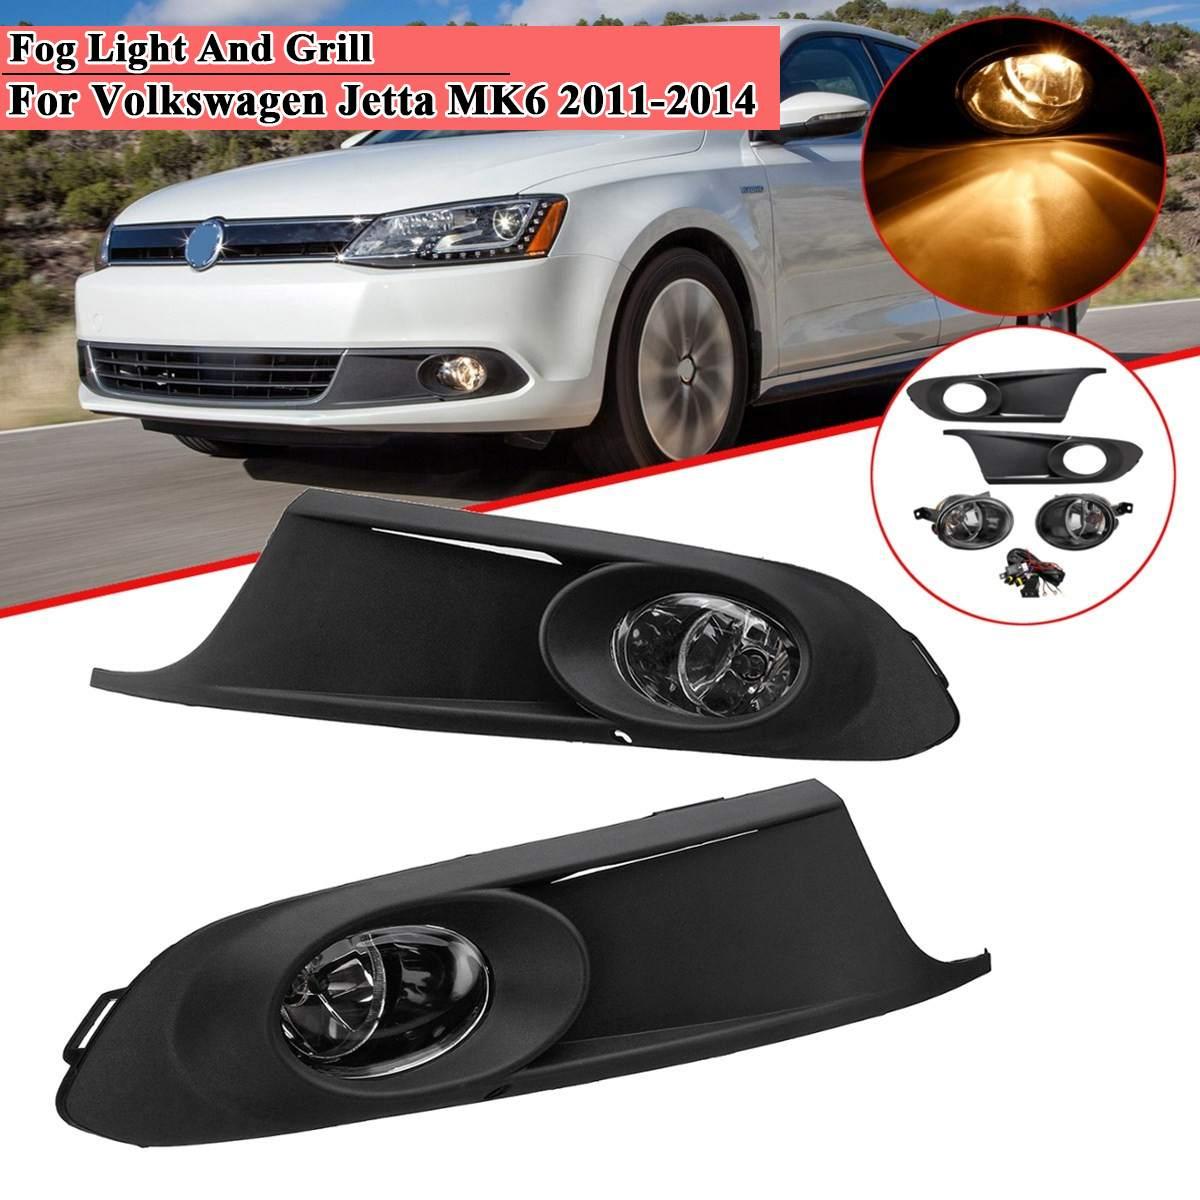 1 paire De Pare-chocs avant de Voiture Lampe D'antibrouillards avec Grilles Harnais Ambre pour VW Jetta MK6 2011 2012 2013 2014 Conduite Drl Phares